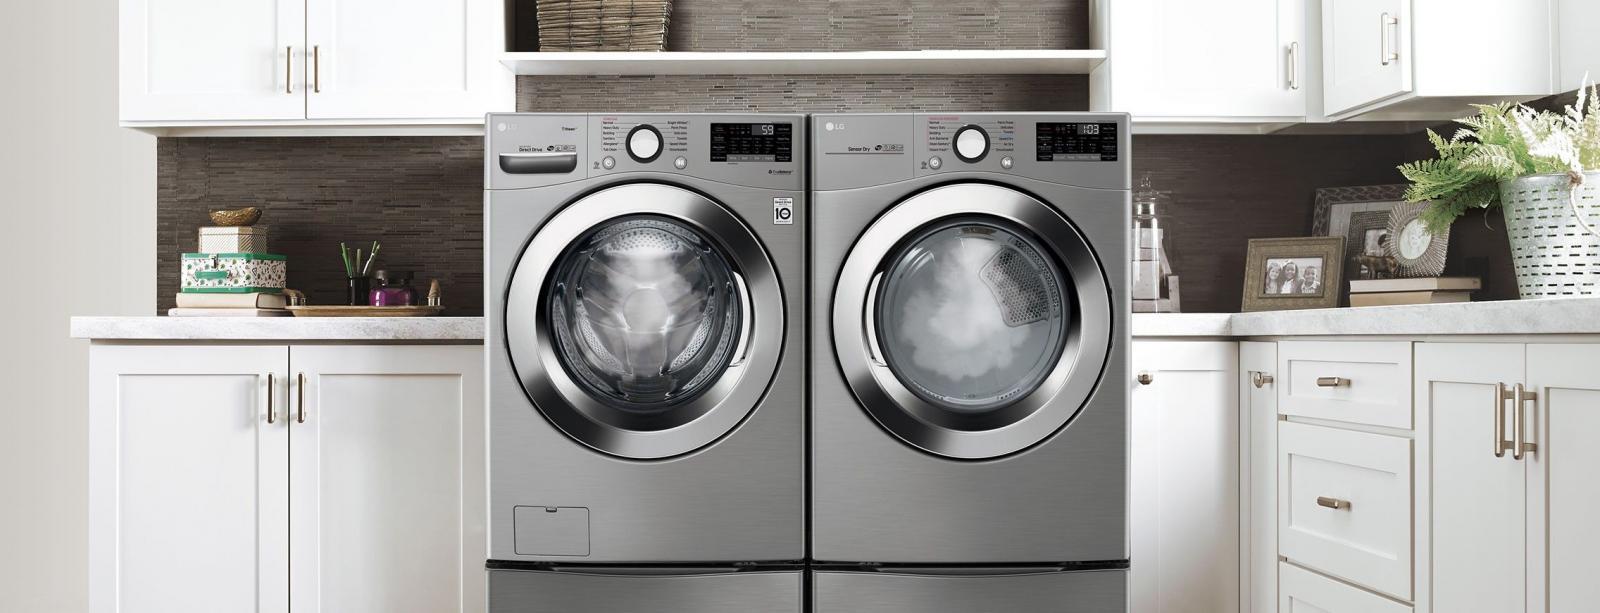 Les 4 questions pour bien choisir sa laveuse